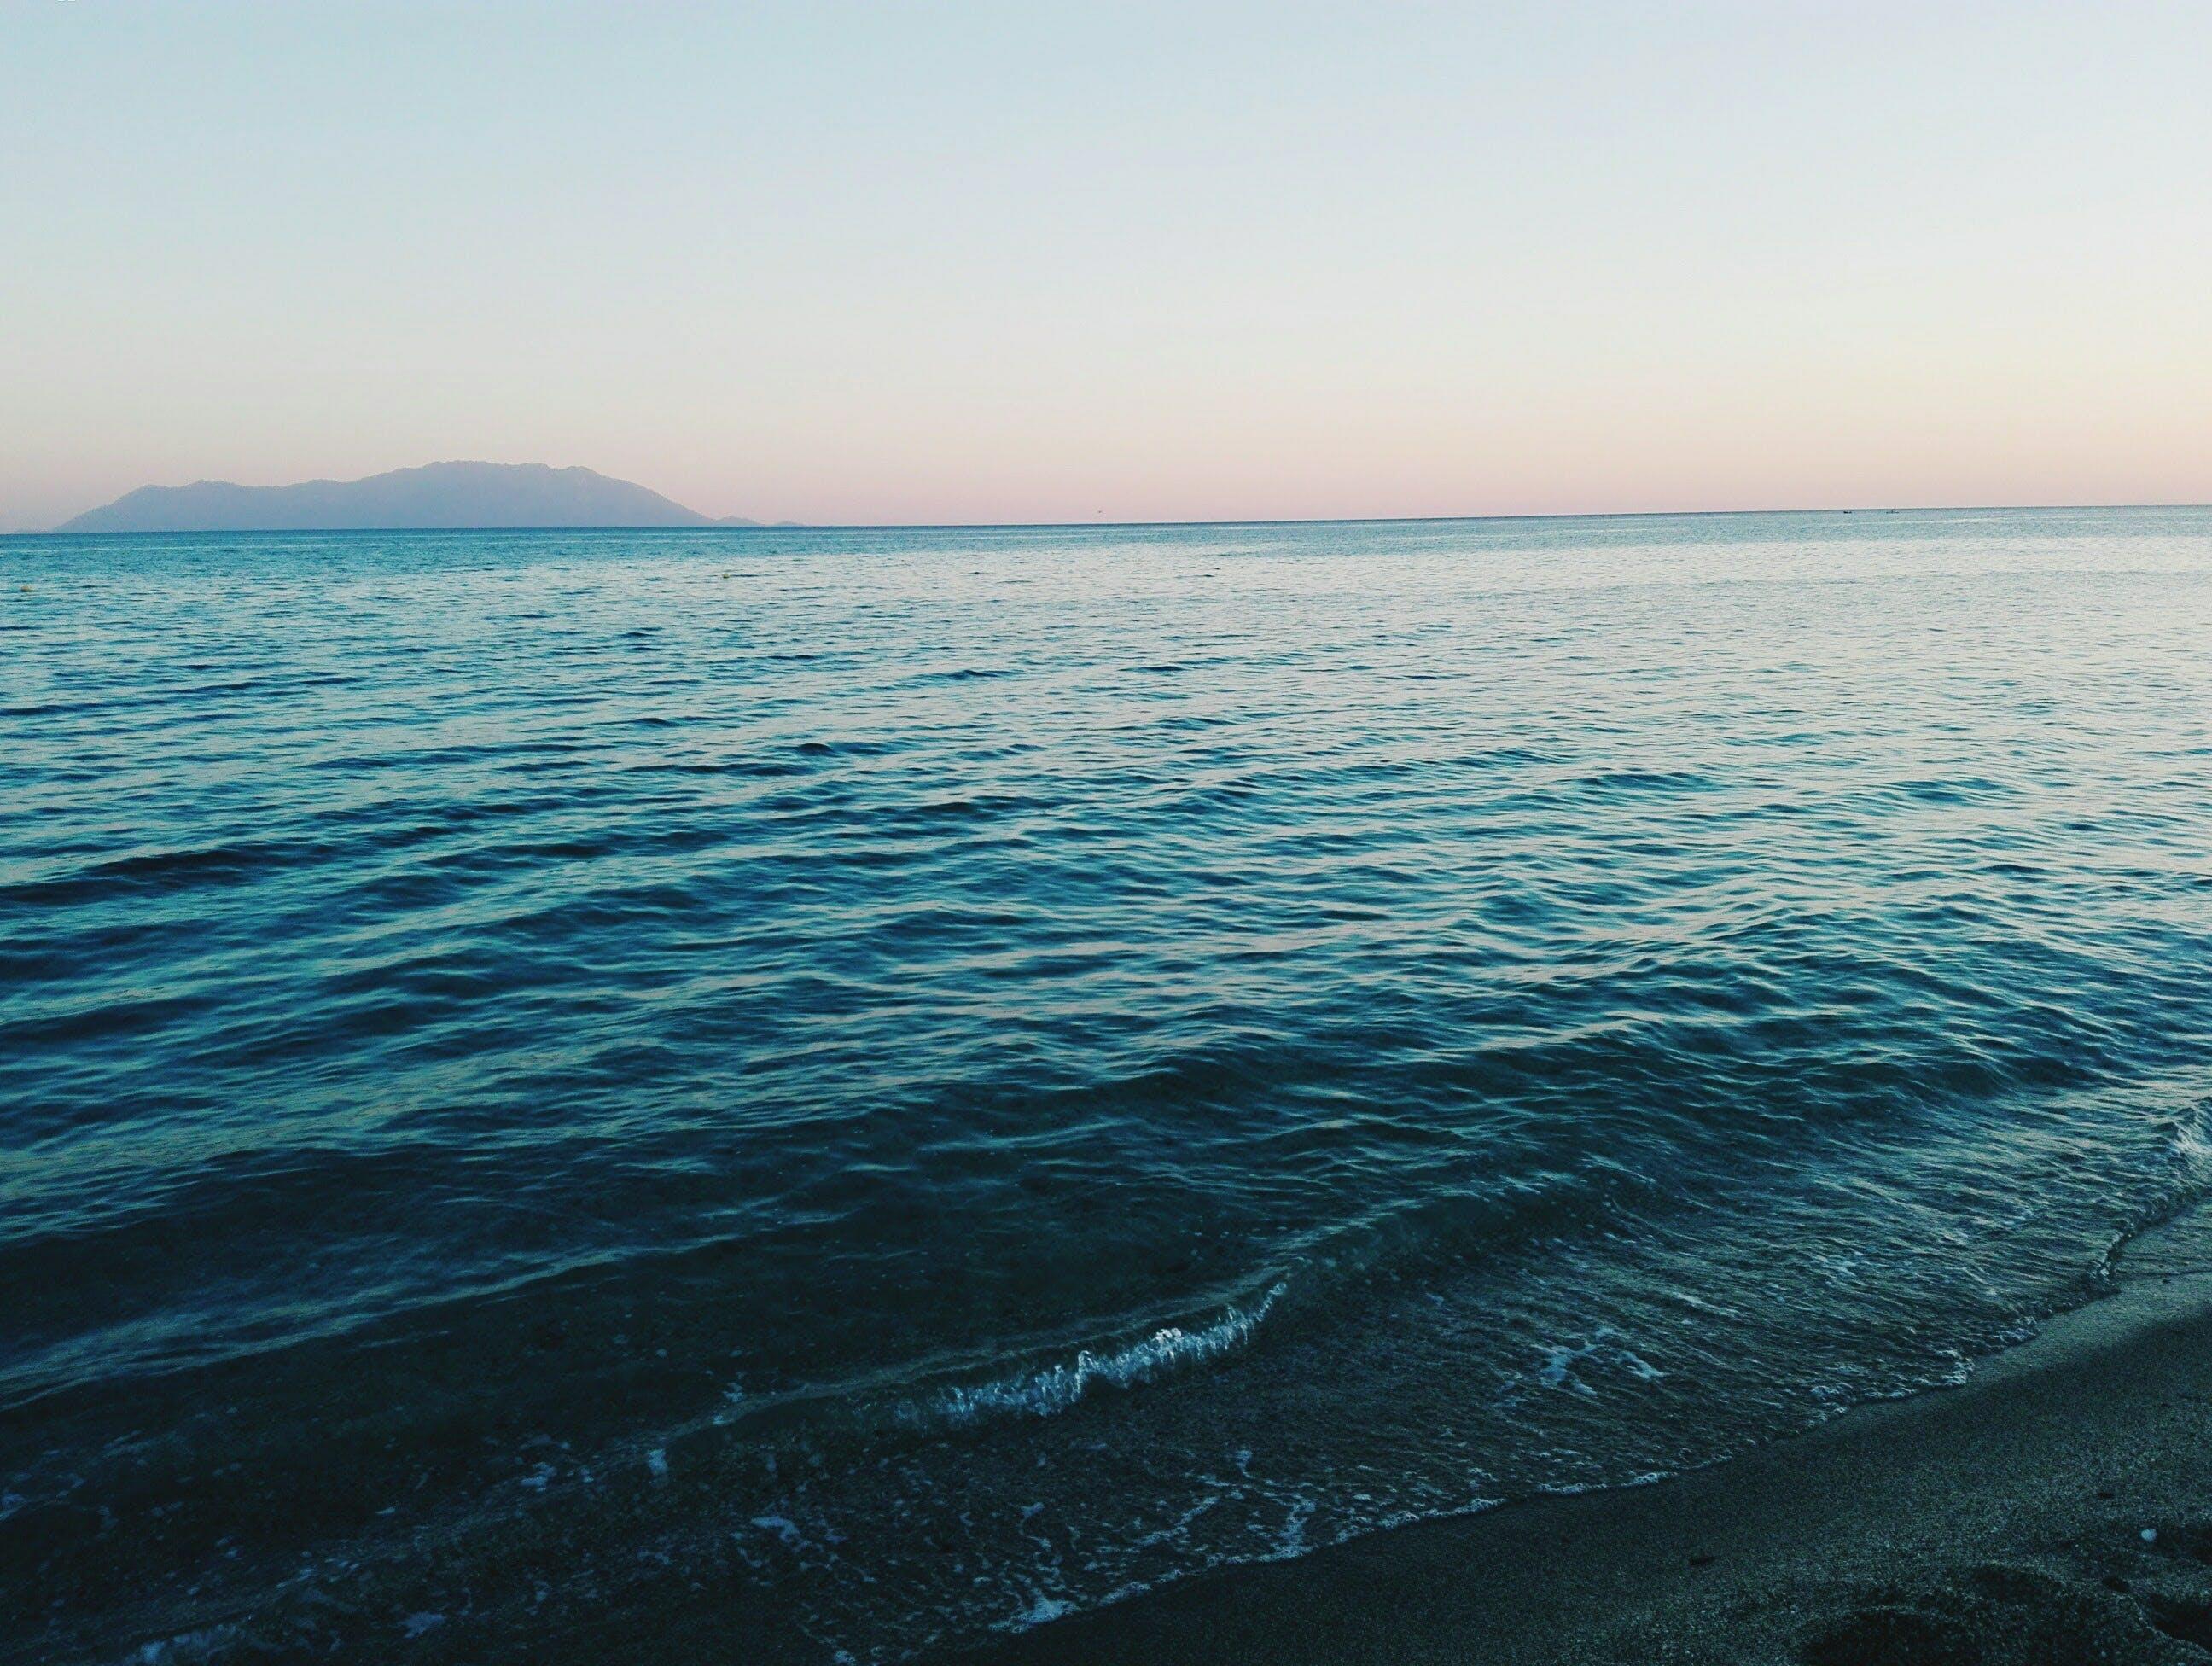 Fotos de stock gratuitas de agua, amanecer, cielo, cielo limpio